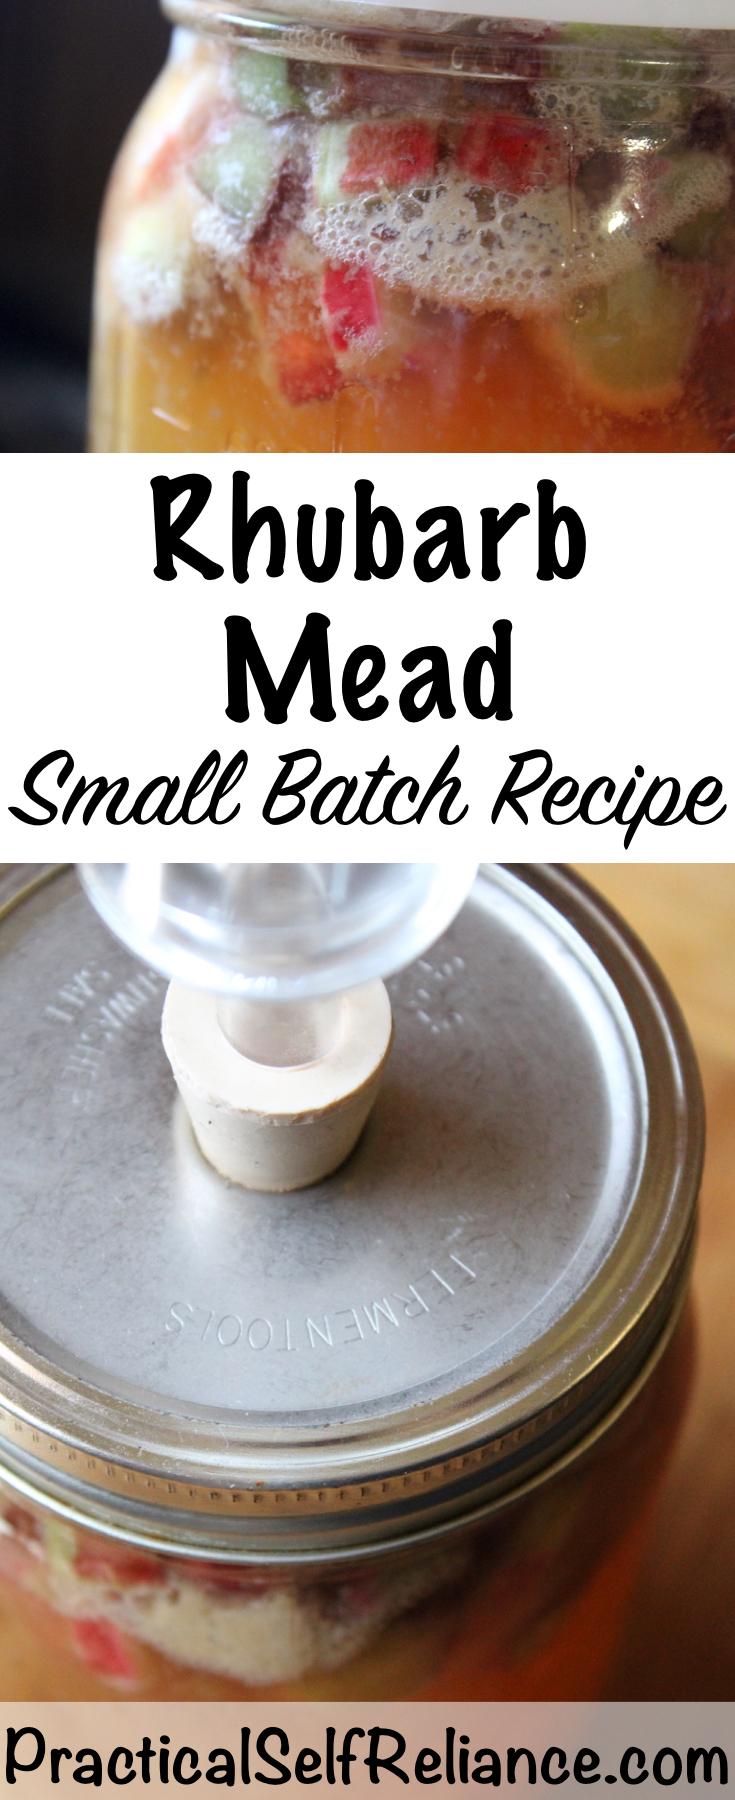 Rhubarb Mead ~ Small Batch Honey Wine Recipe #mead #meadrecipe #homebrew #honeywine #fermentation #fermenteddrinks #rhubarb #rhubarbrecipes